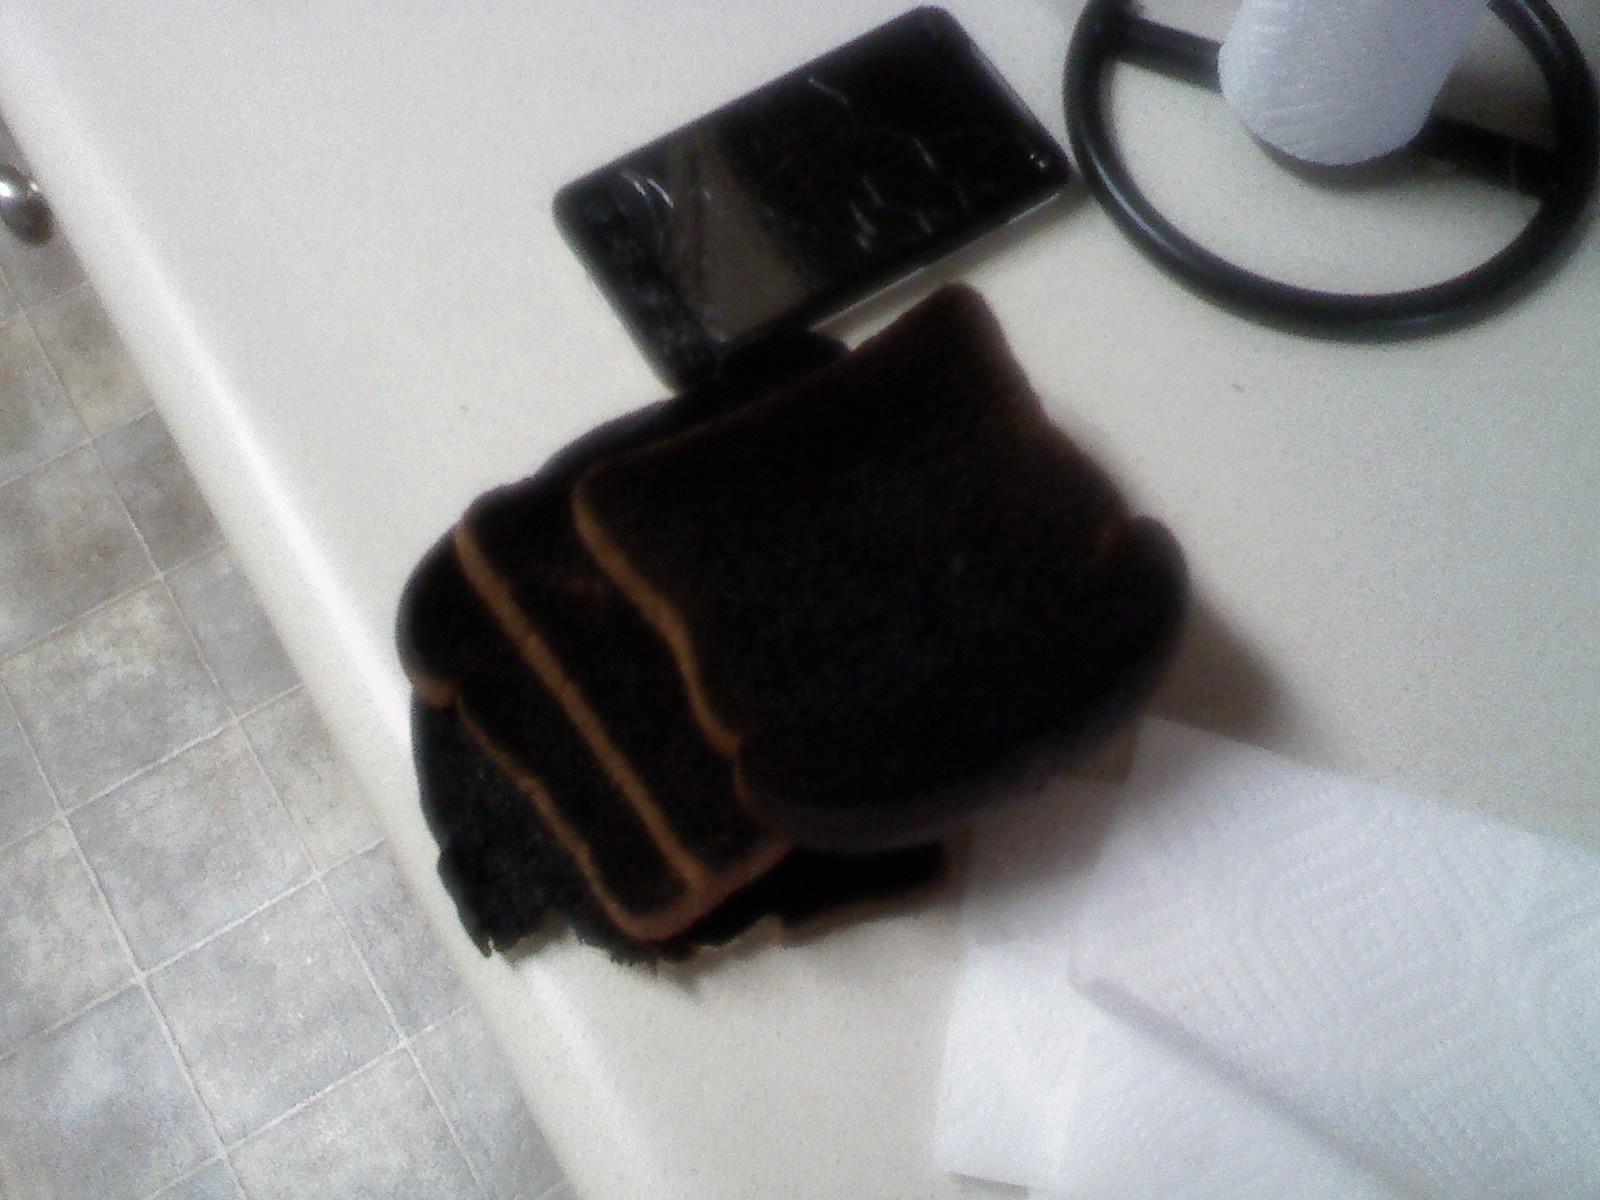 My Toast :[